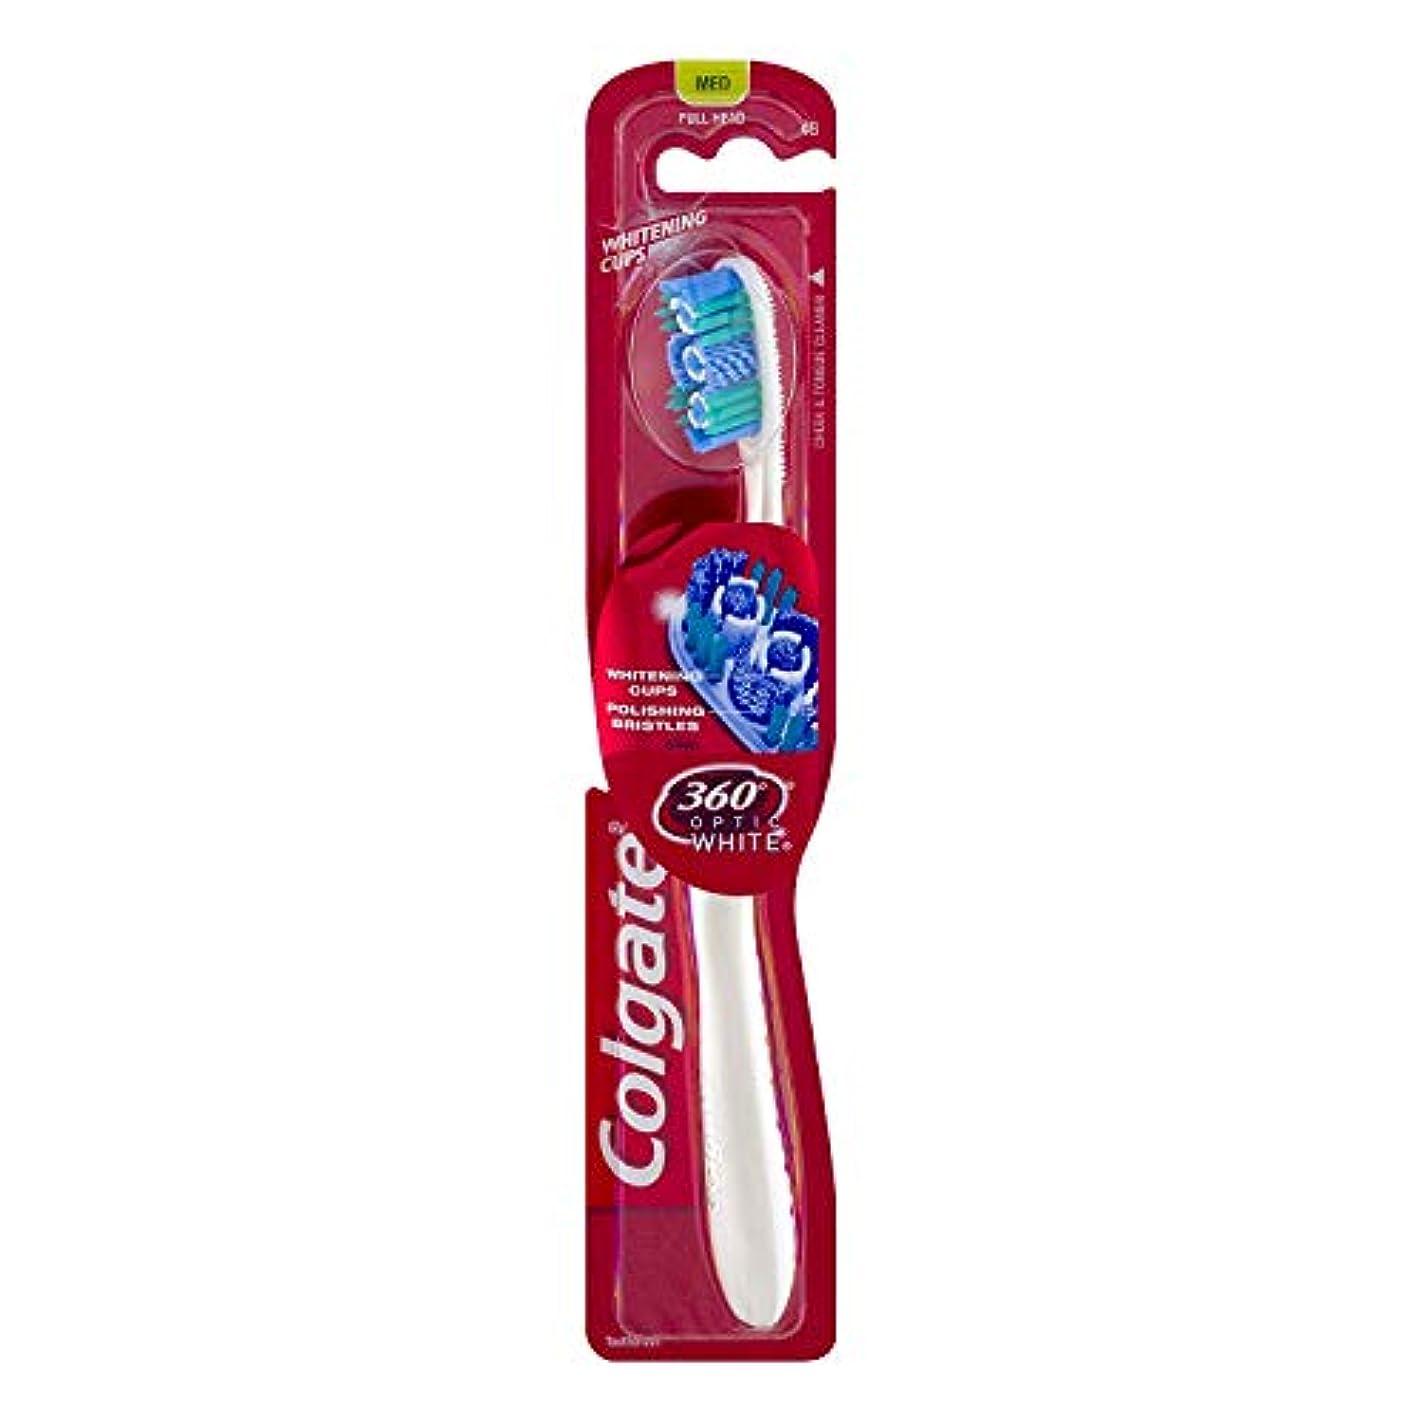 つかの間再び移動するColgate オプティックホワイト360 Tサイズ1CTオプティックホワイト360歯ブラシメッド 1パック